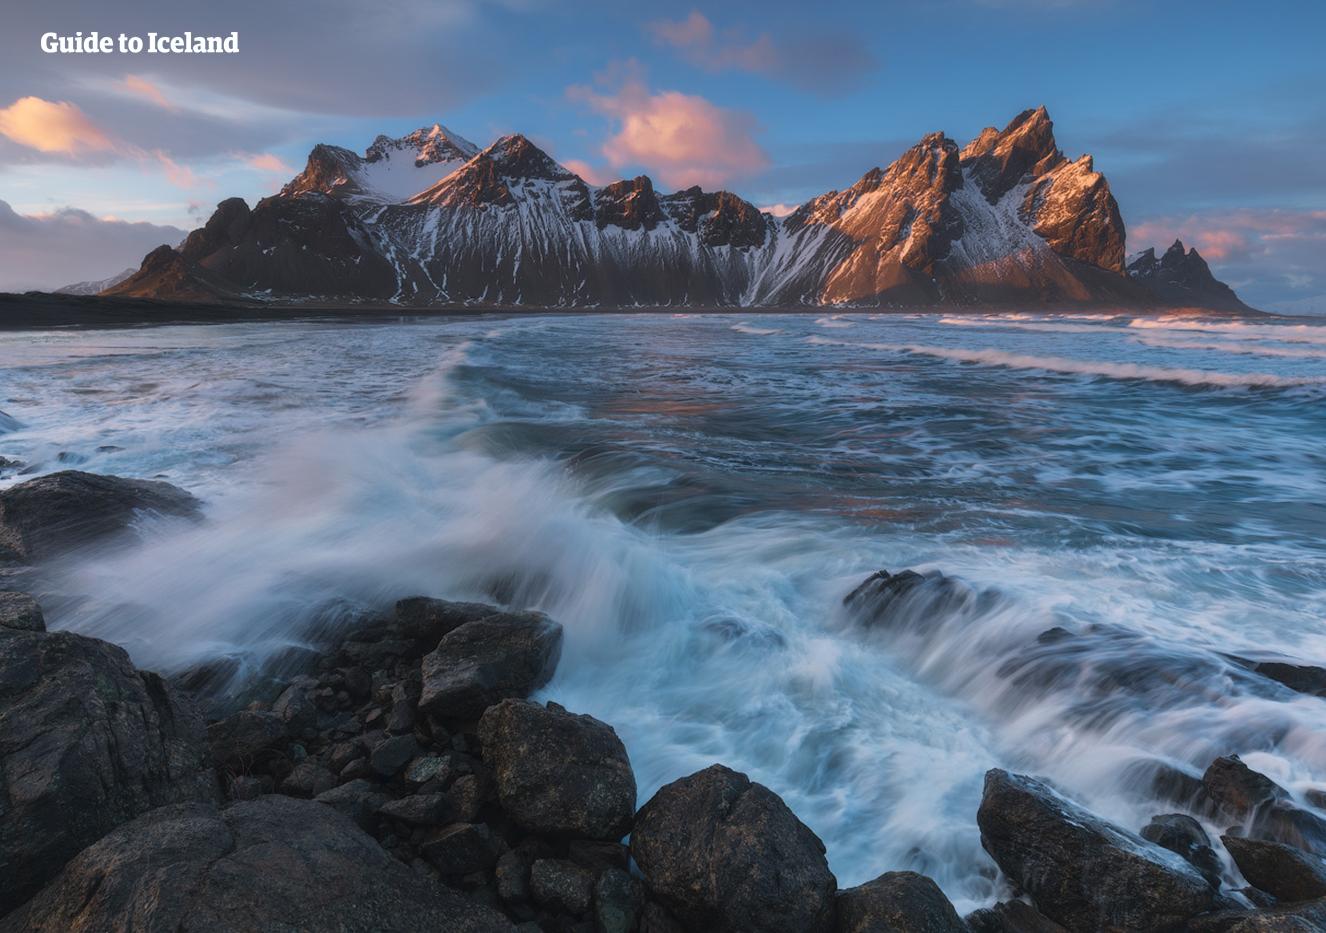 ภูเขาเวสตราฮอร์นบนคาบสมุทรสตอกกเนสส์มองดูงดงามมากเมื่อถูกปกคลุมด้วยฤดูหนาว.